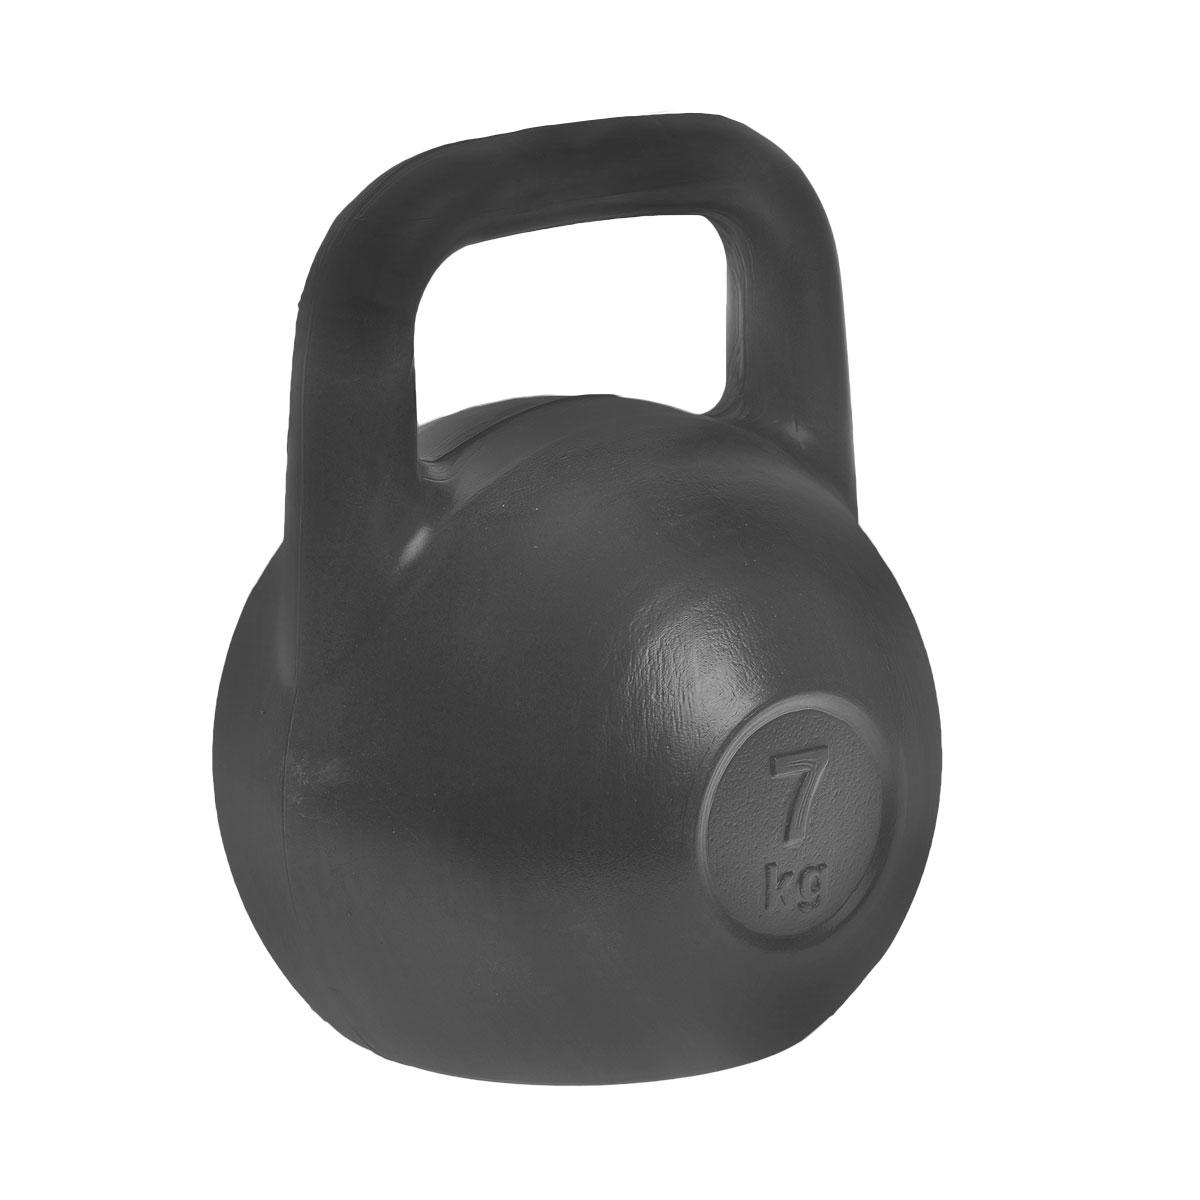 Гиря  Евро-Классик , цвет: черный, 7 кг - Оборудование для силовых тренировок